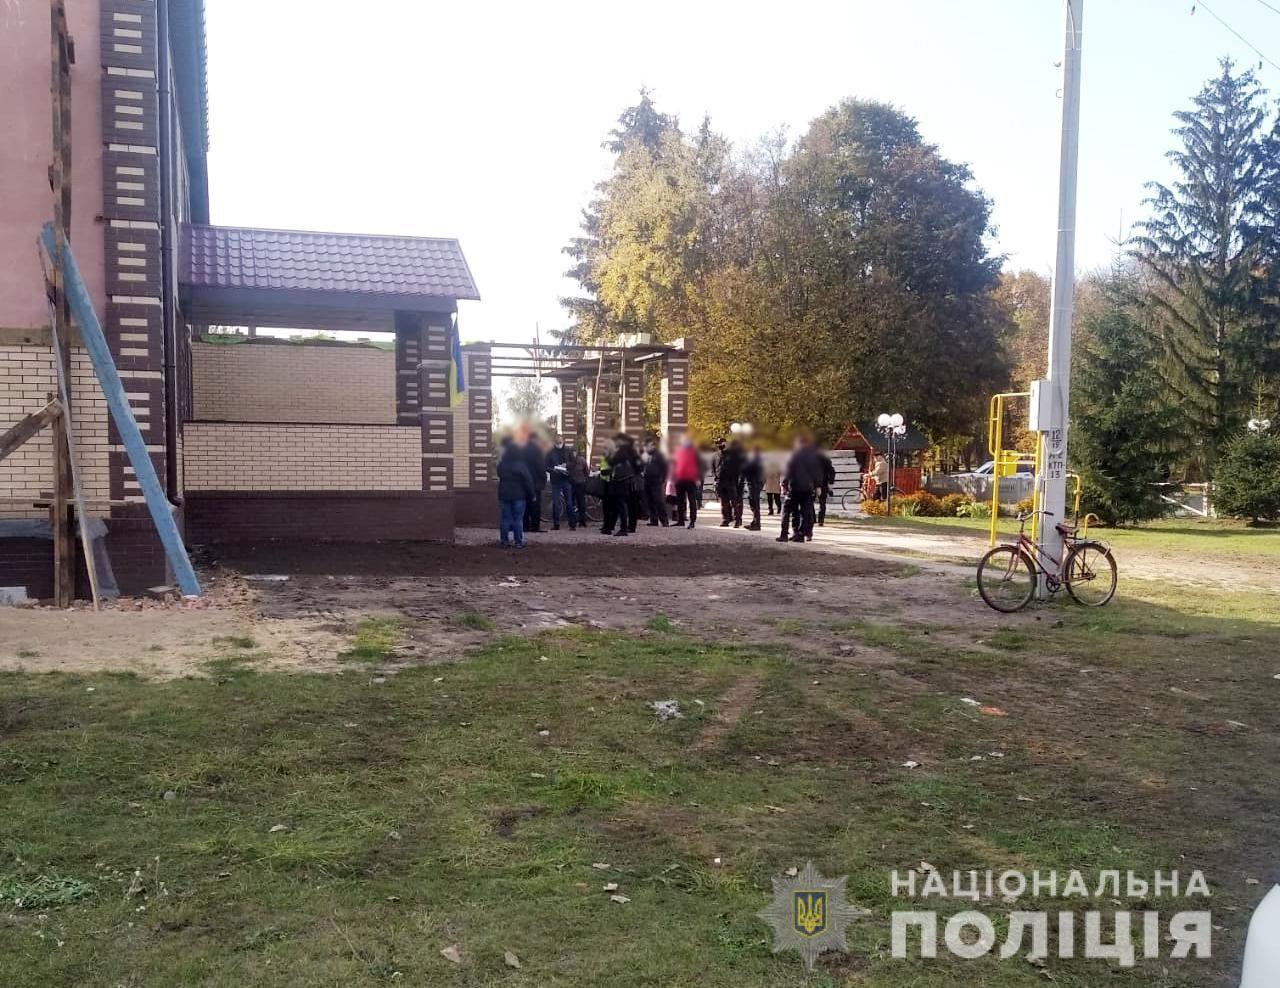 На Сумщині знайшли фейкову дільницю. Туди прийшло більше виборців, ніж на справжню